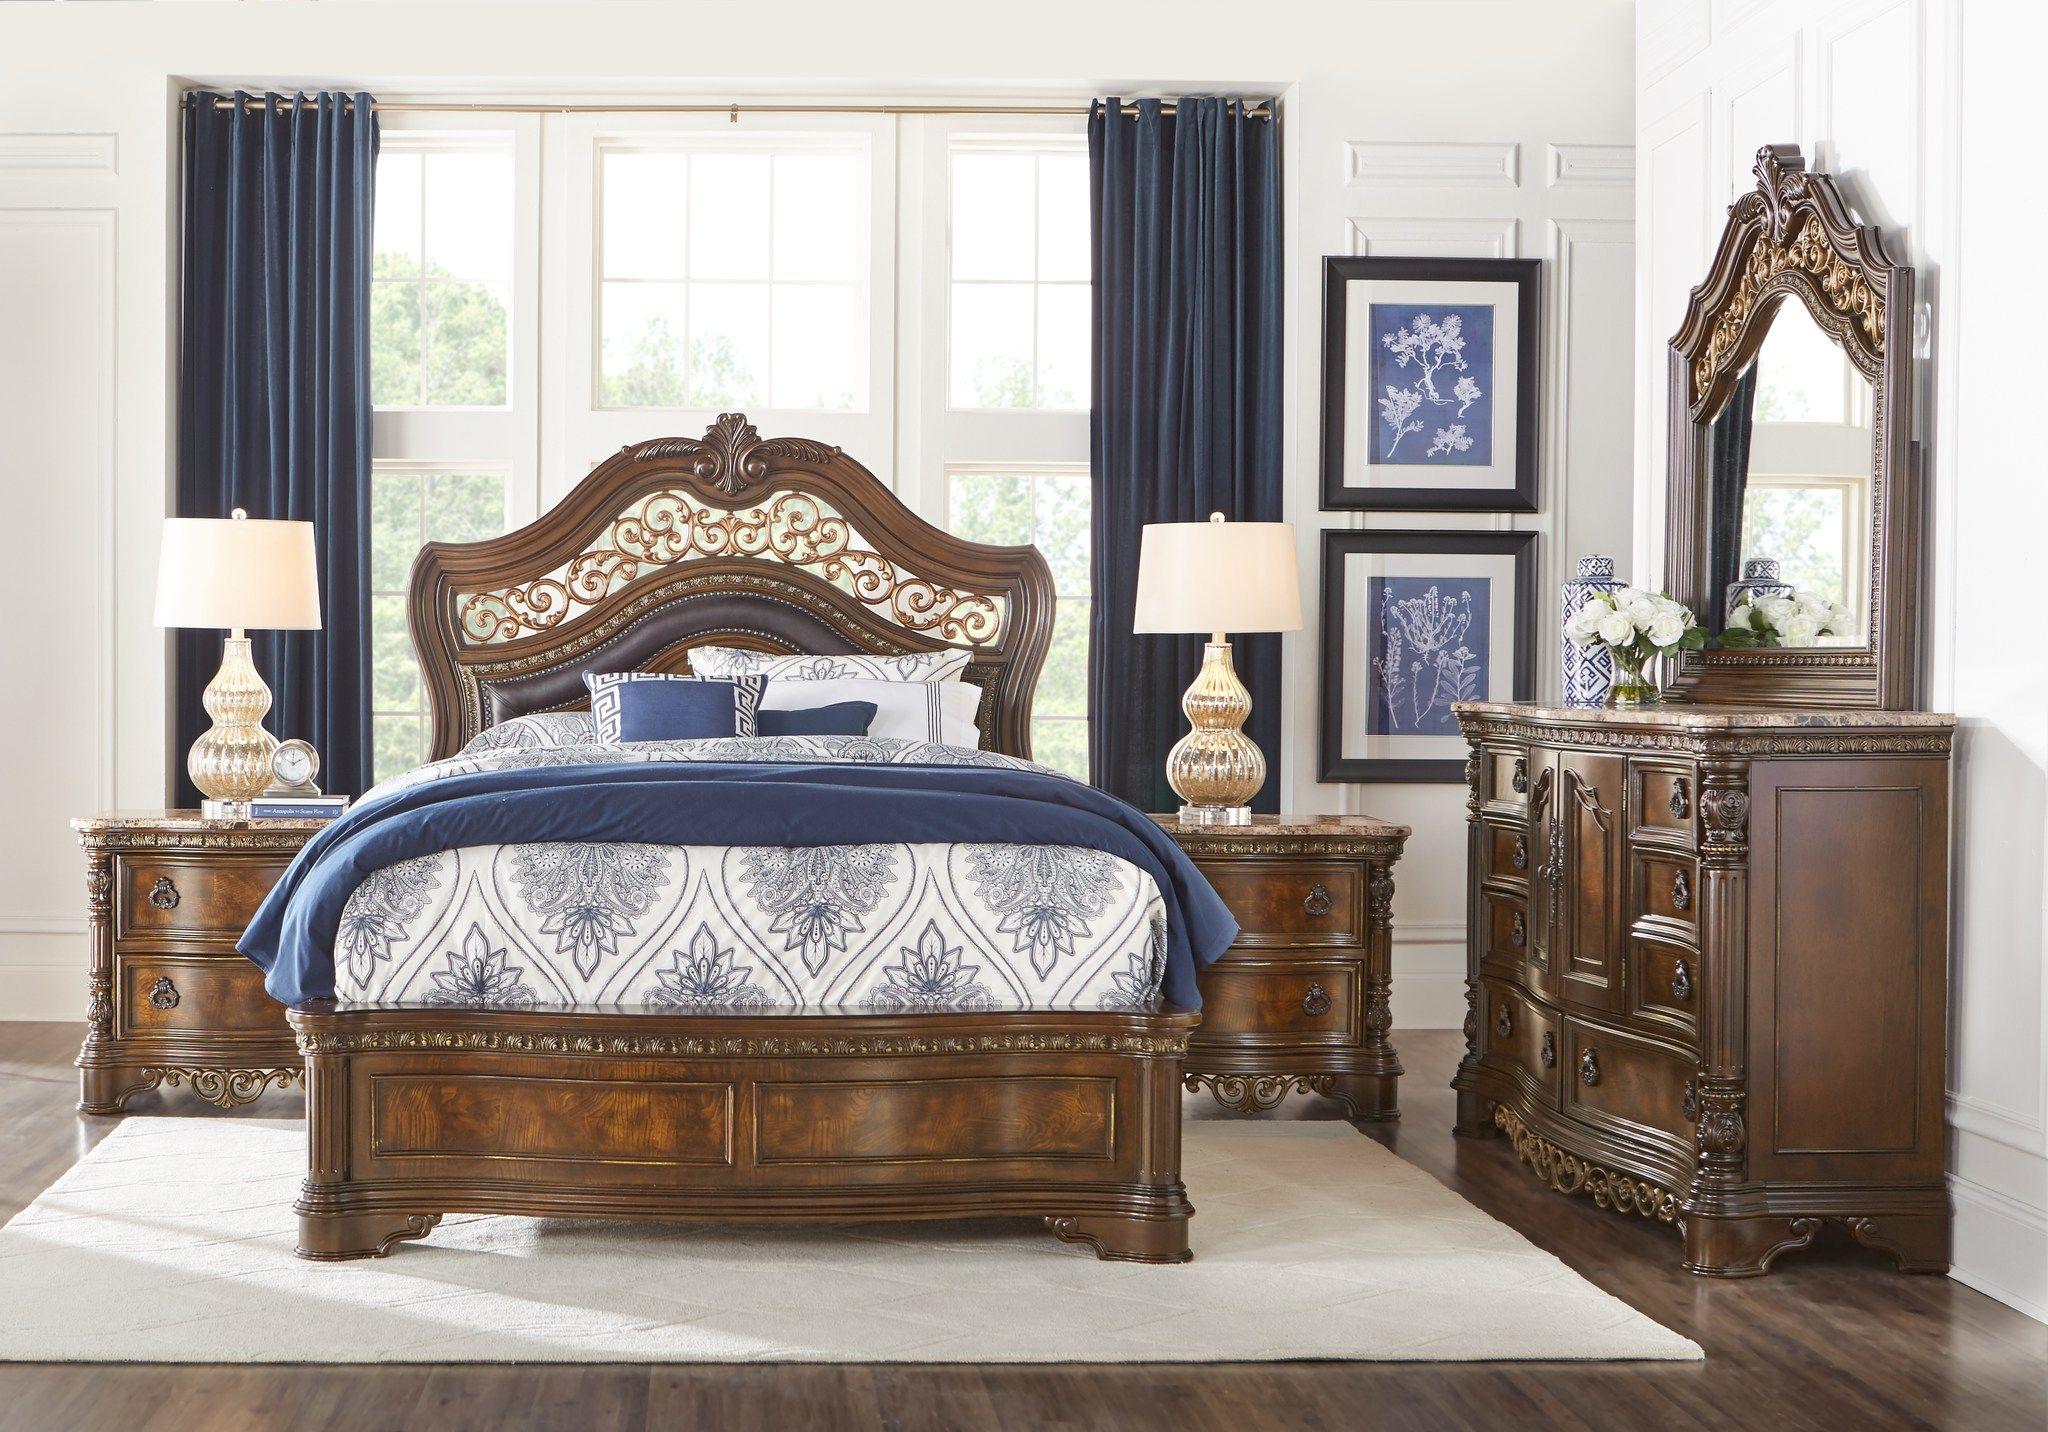 King Size Bedroom Sets & Suites for Sale   Furniture in 2019 ...